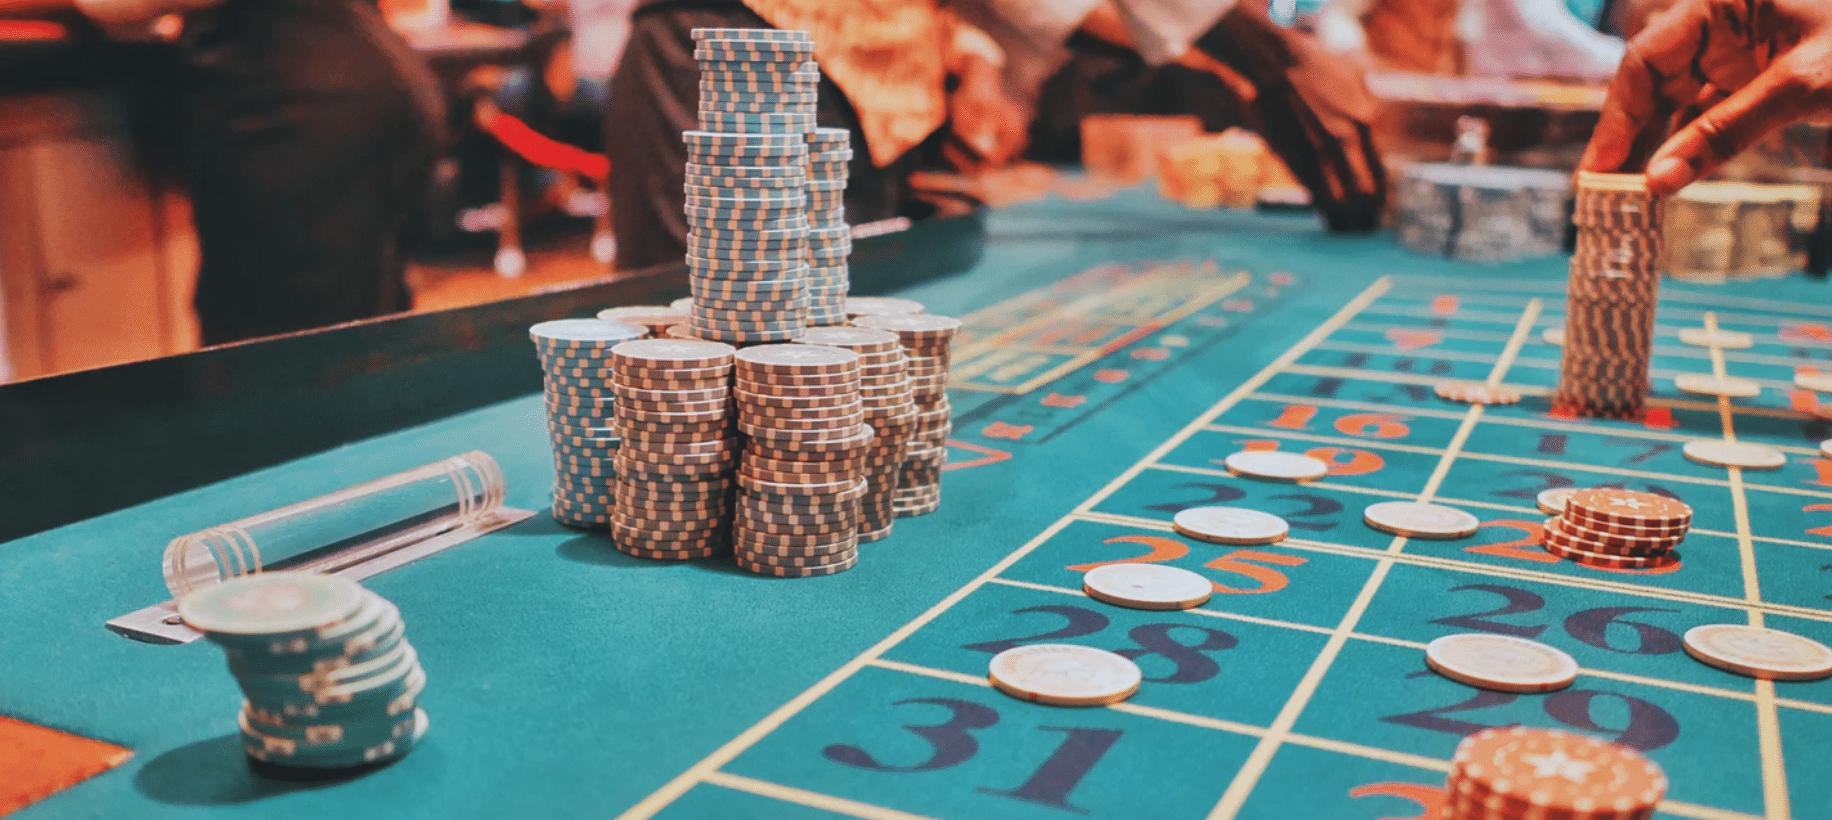 Utländska spelmyndigheter kritiserar spelföretag